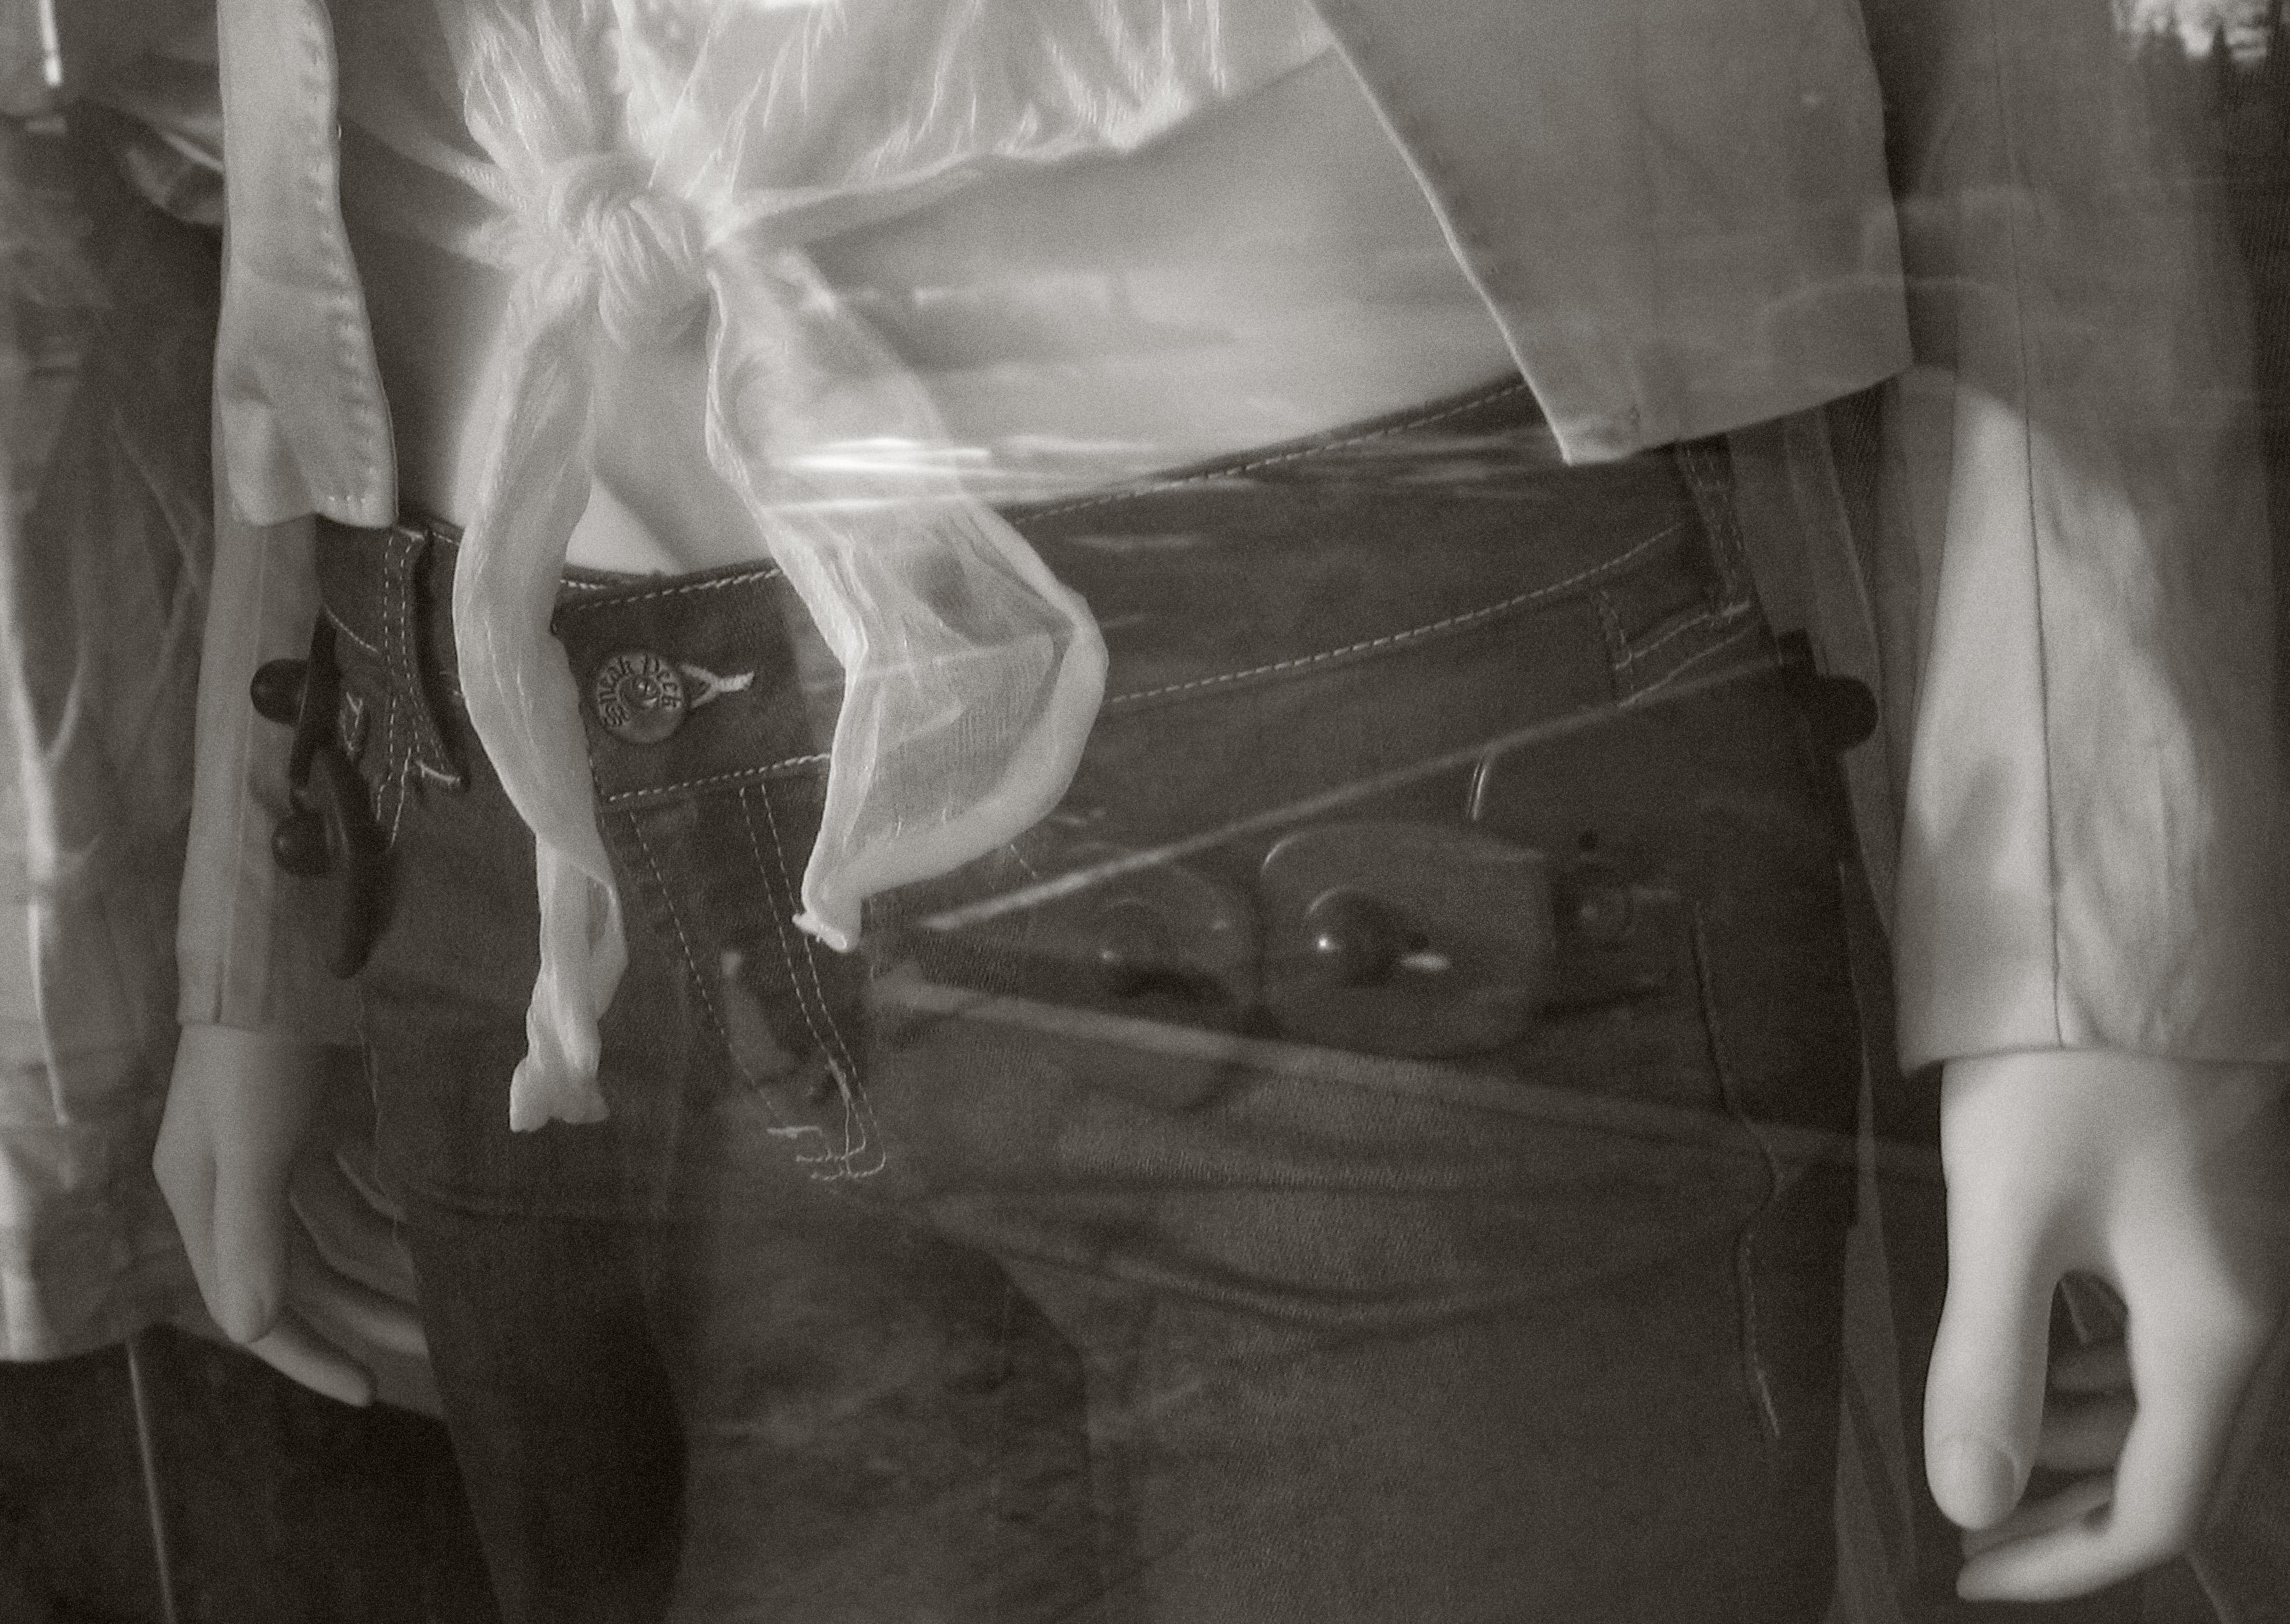 Fotos gratis : mano, en blanco y negro, fotografía, pantalones, Moda ...